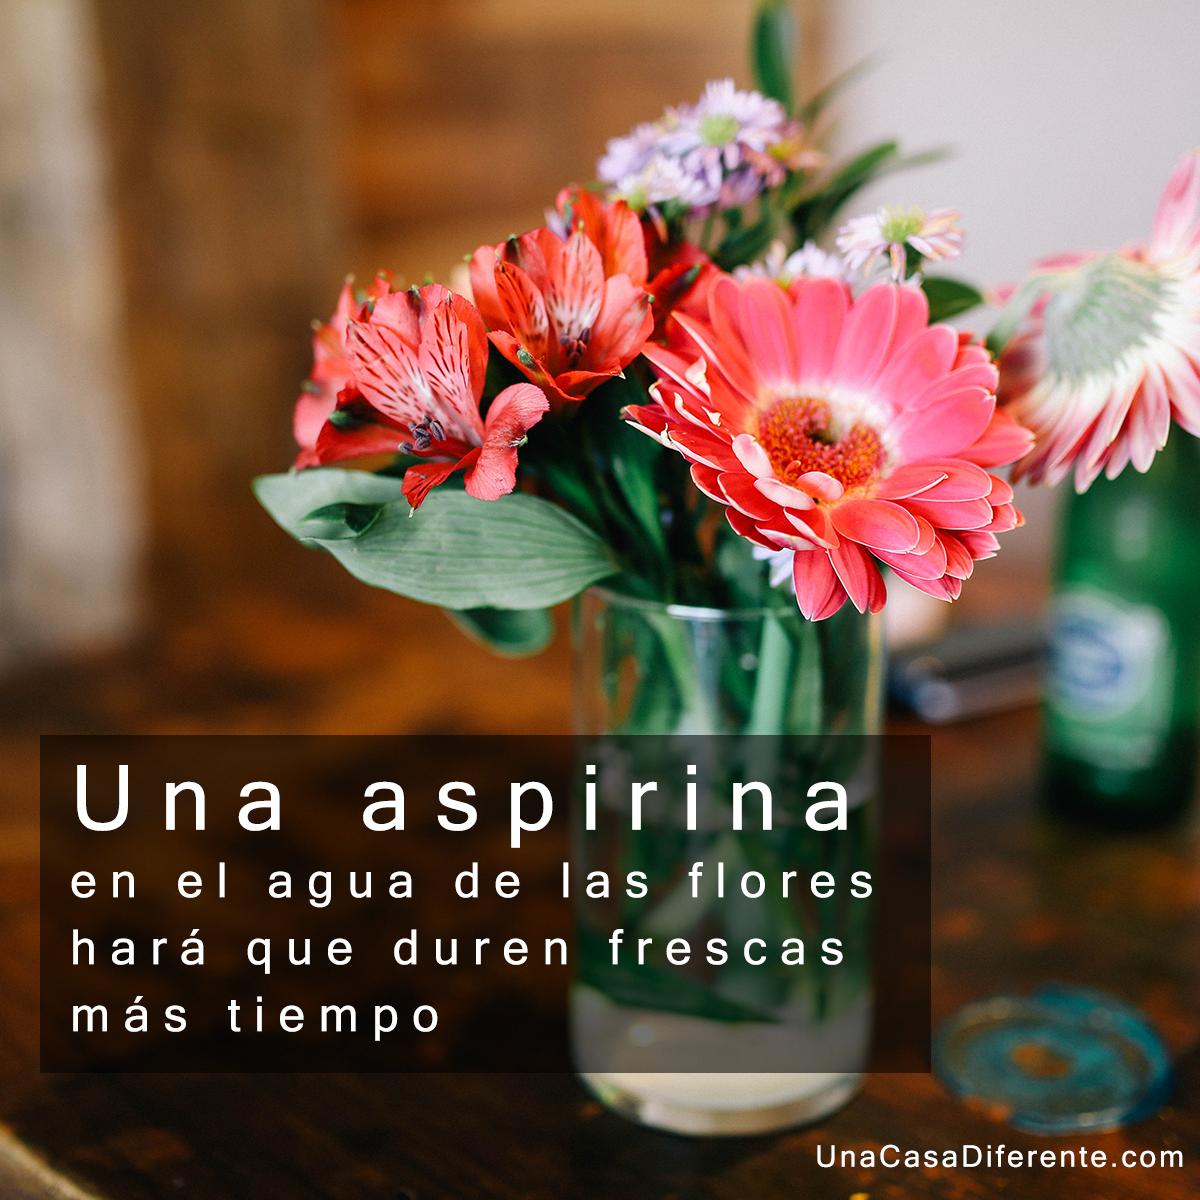 Aspirina en agua para las flores